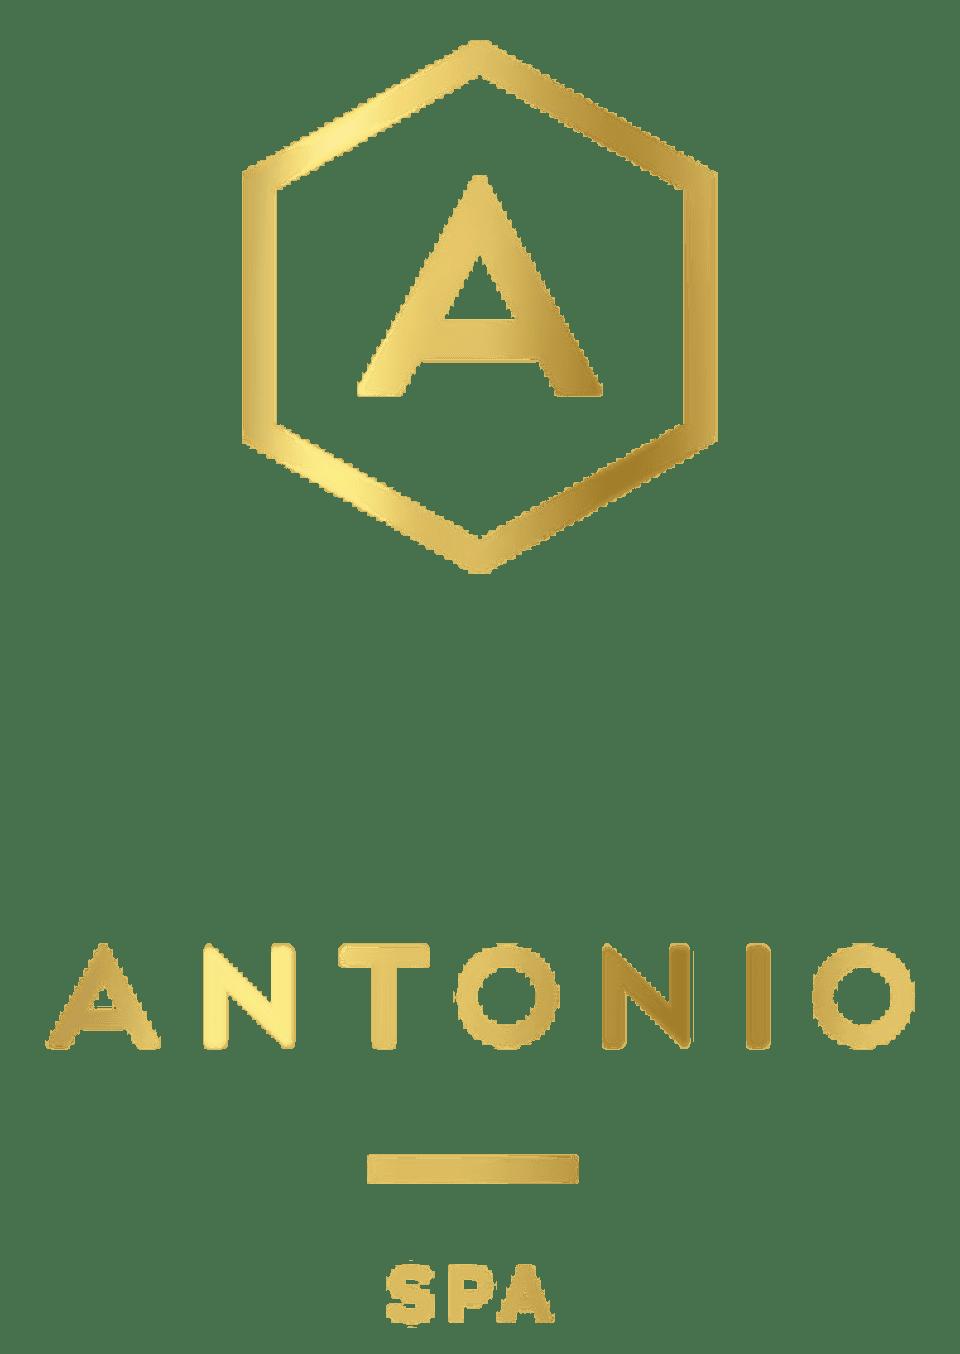 Antonio Spa logo